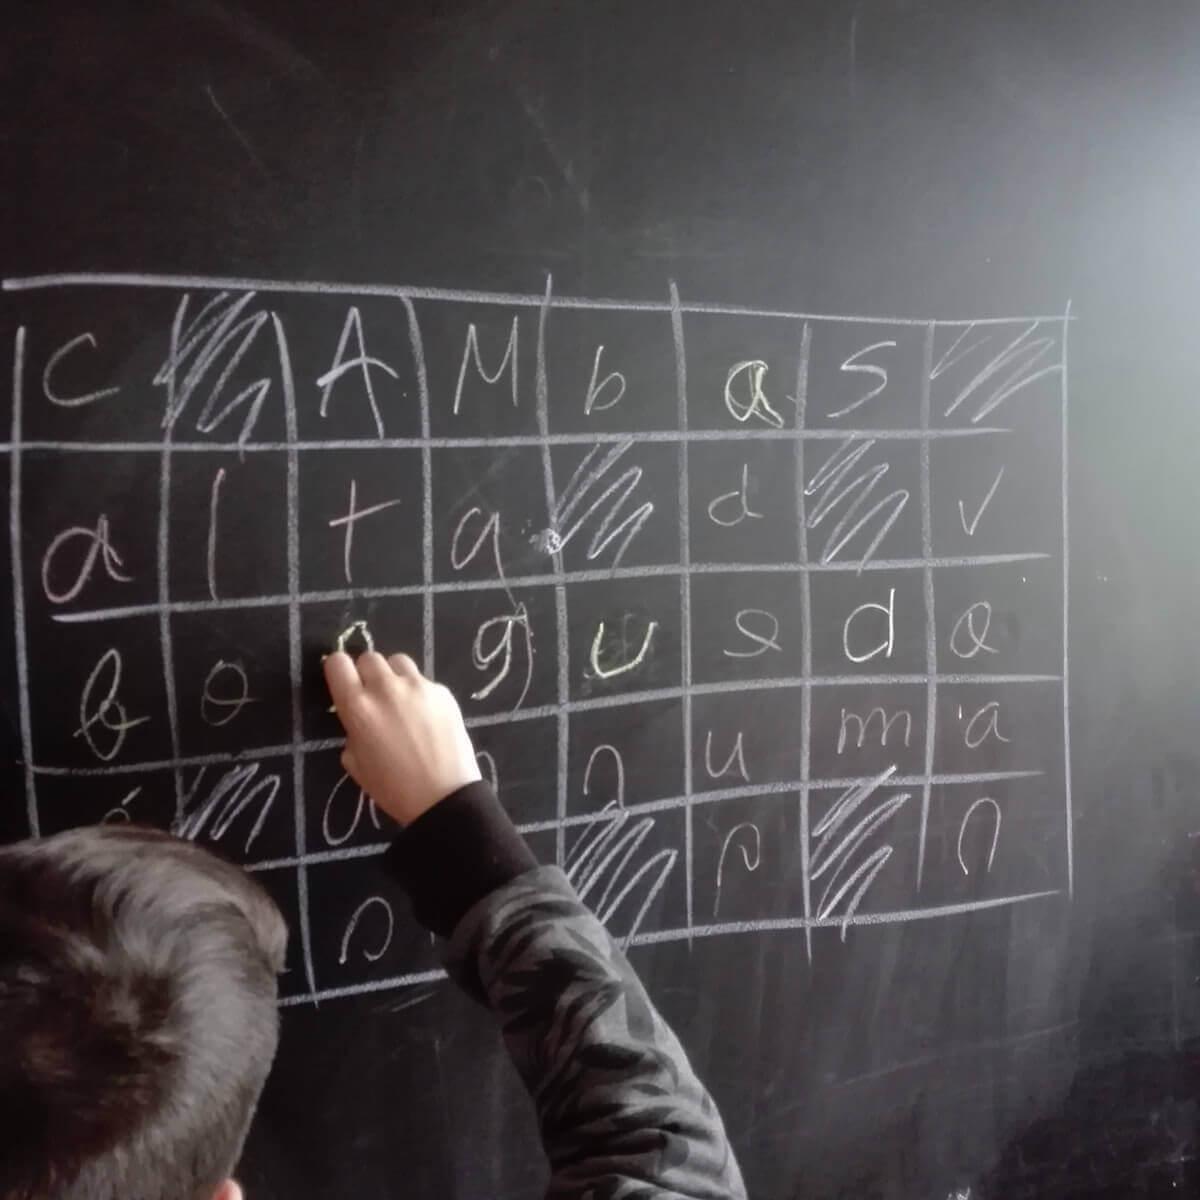 criança a fazer palavras cruzadas num quadro da escola